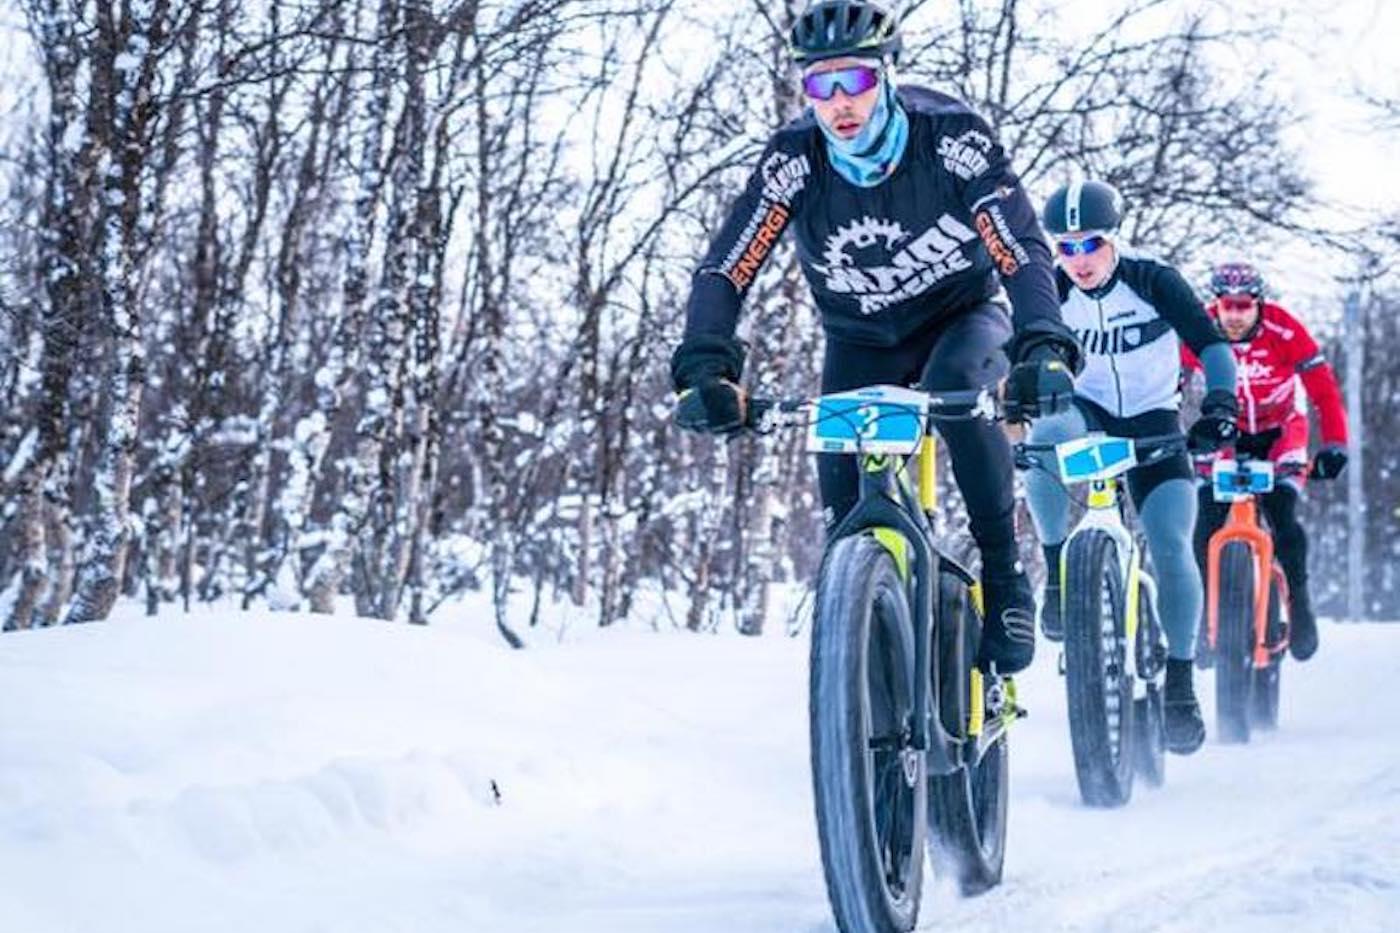 Daniel Boberg Leirbakken tok seieren i Skaidi Fatbike for fjerde gang, men det var første gang han måtte kjempe for den helt til målstreken. Foto: Rino Engdal